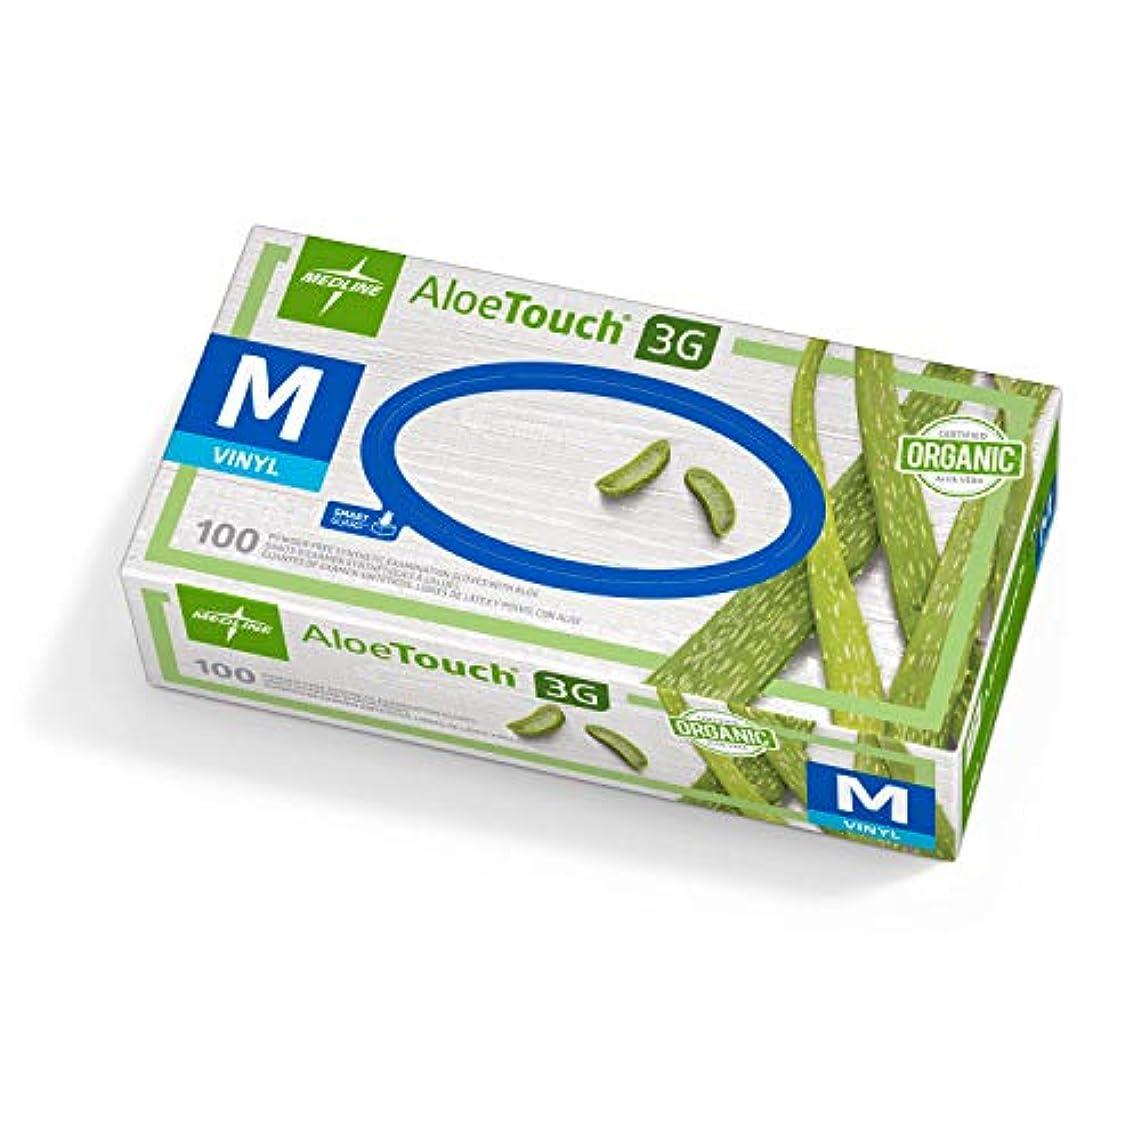 宇宙イブニングページェントMedline Aloetouch 3G Powder-Free Latex-Free Synthetic Exam Gloves, Medium, 100 Count by Medline